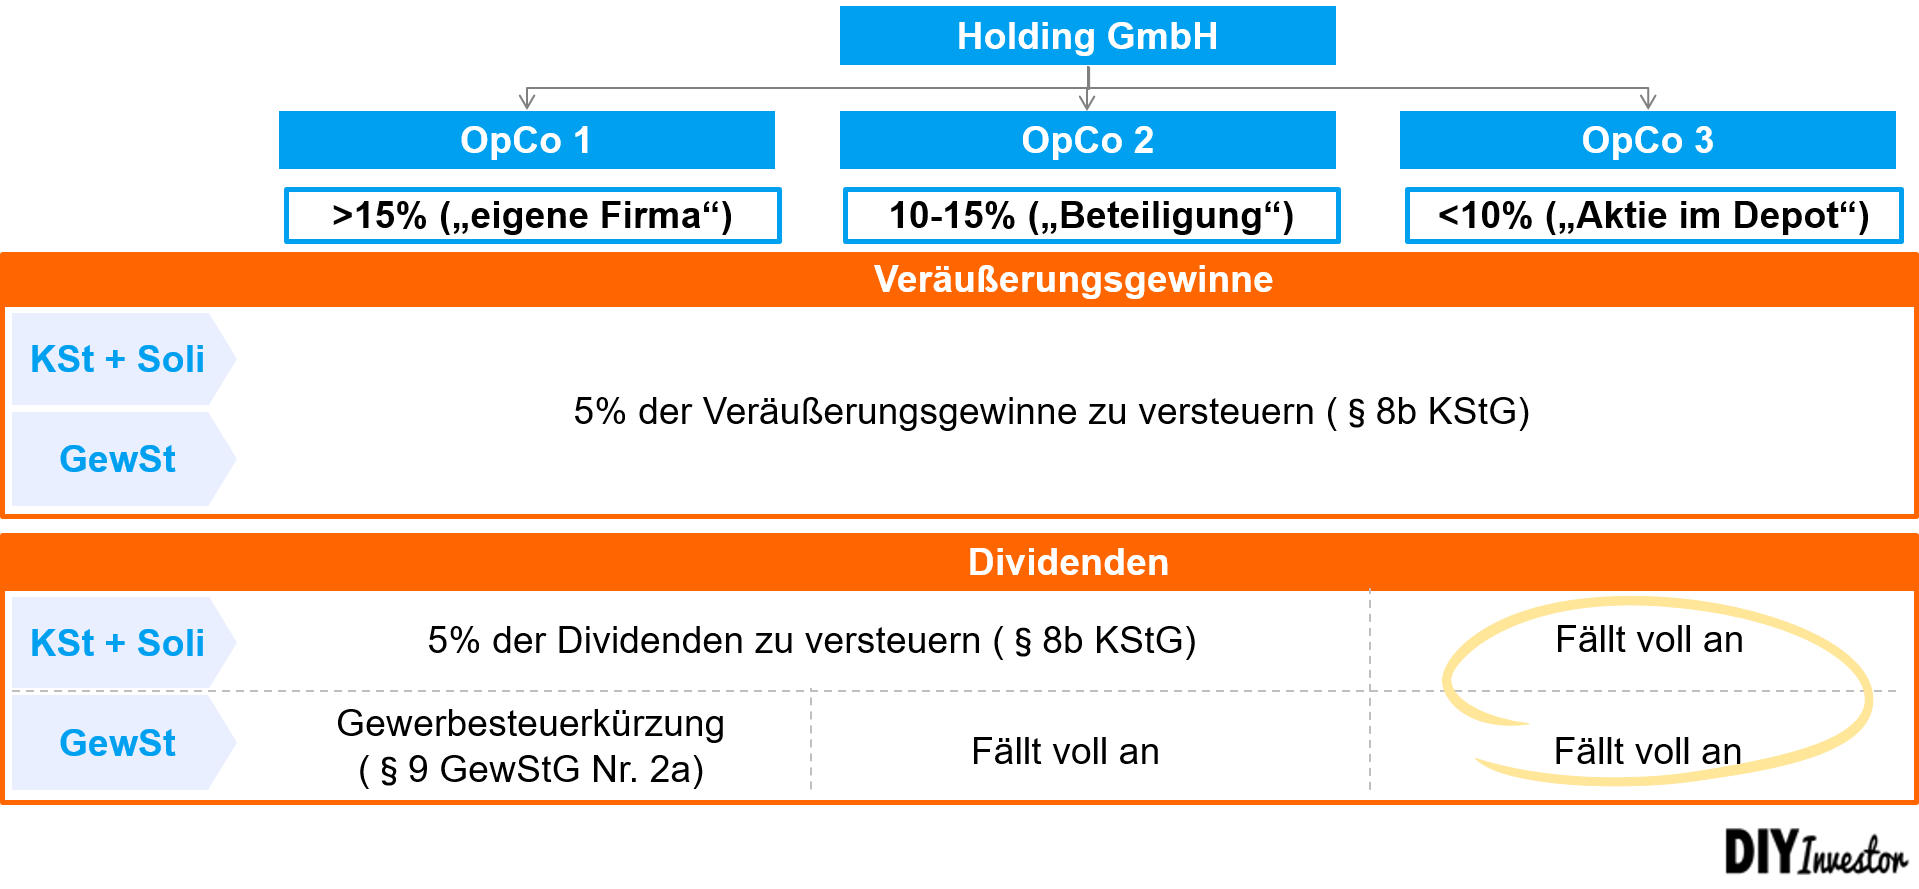 Vermögensverwaltende GmbH - Besteuerung mit Körperschaftssteuer und Gewerbesteuer